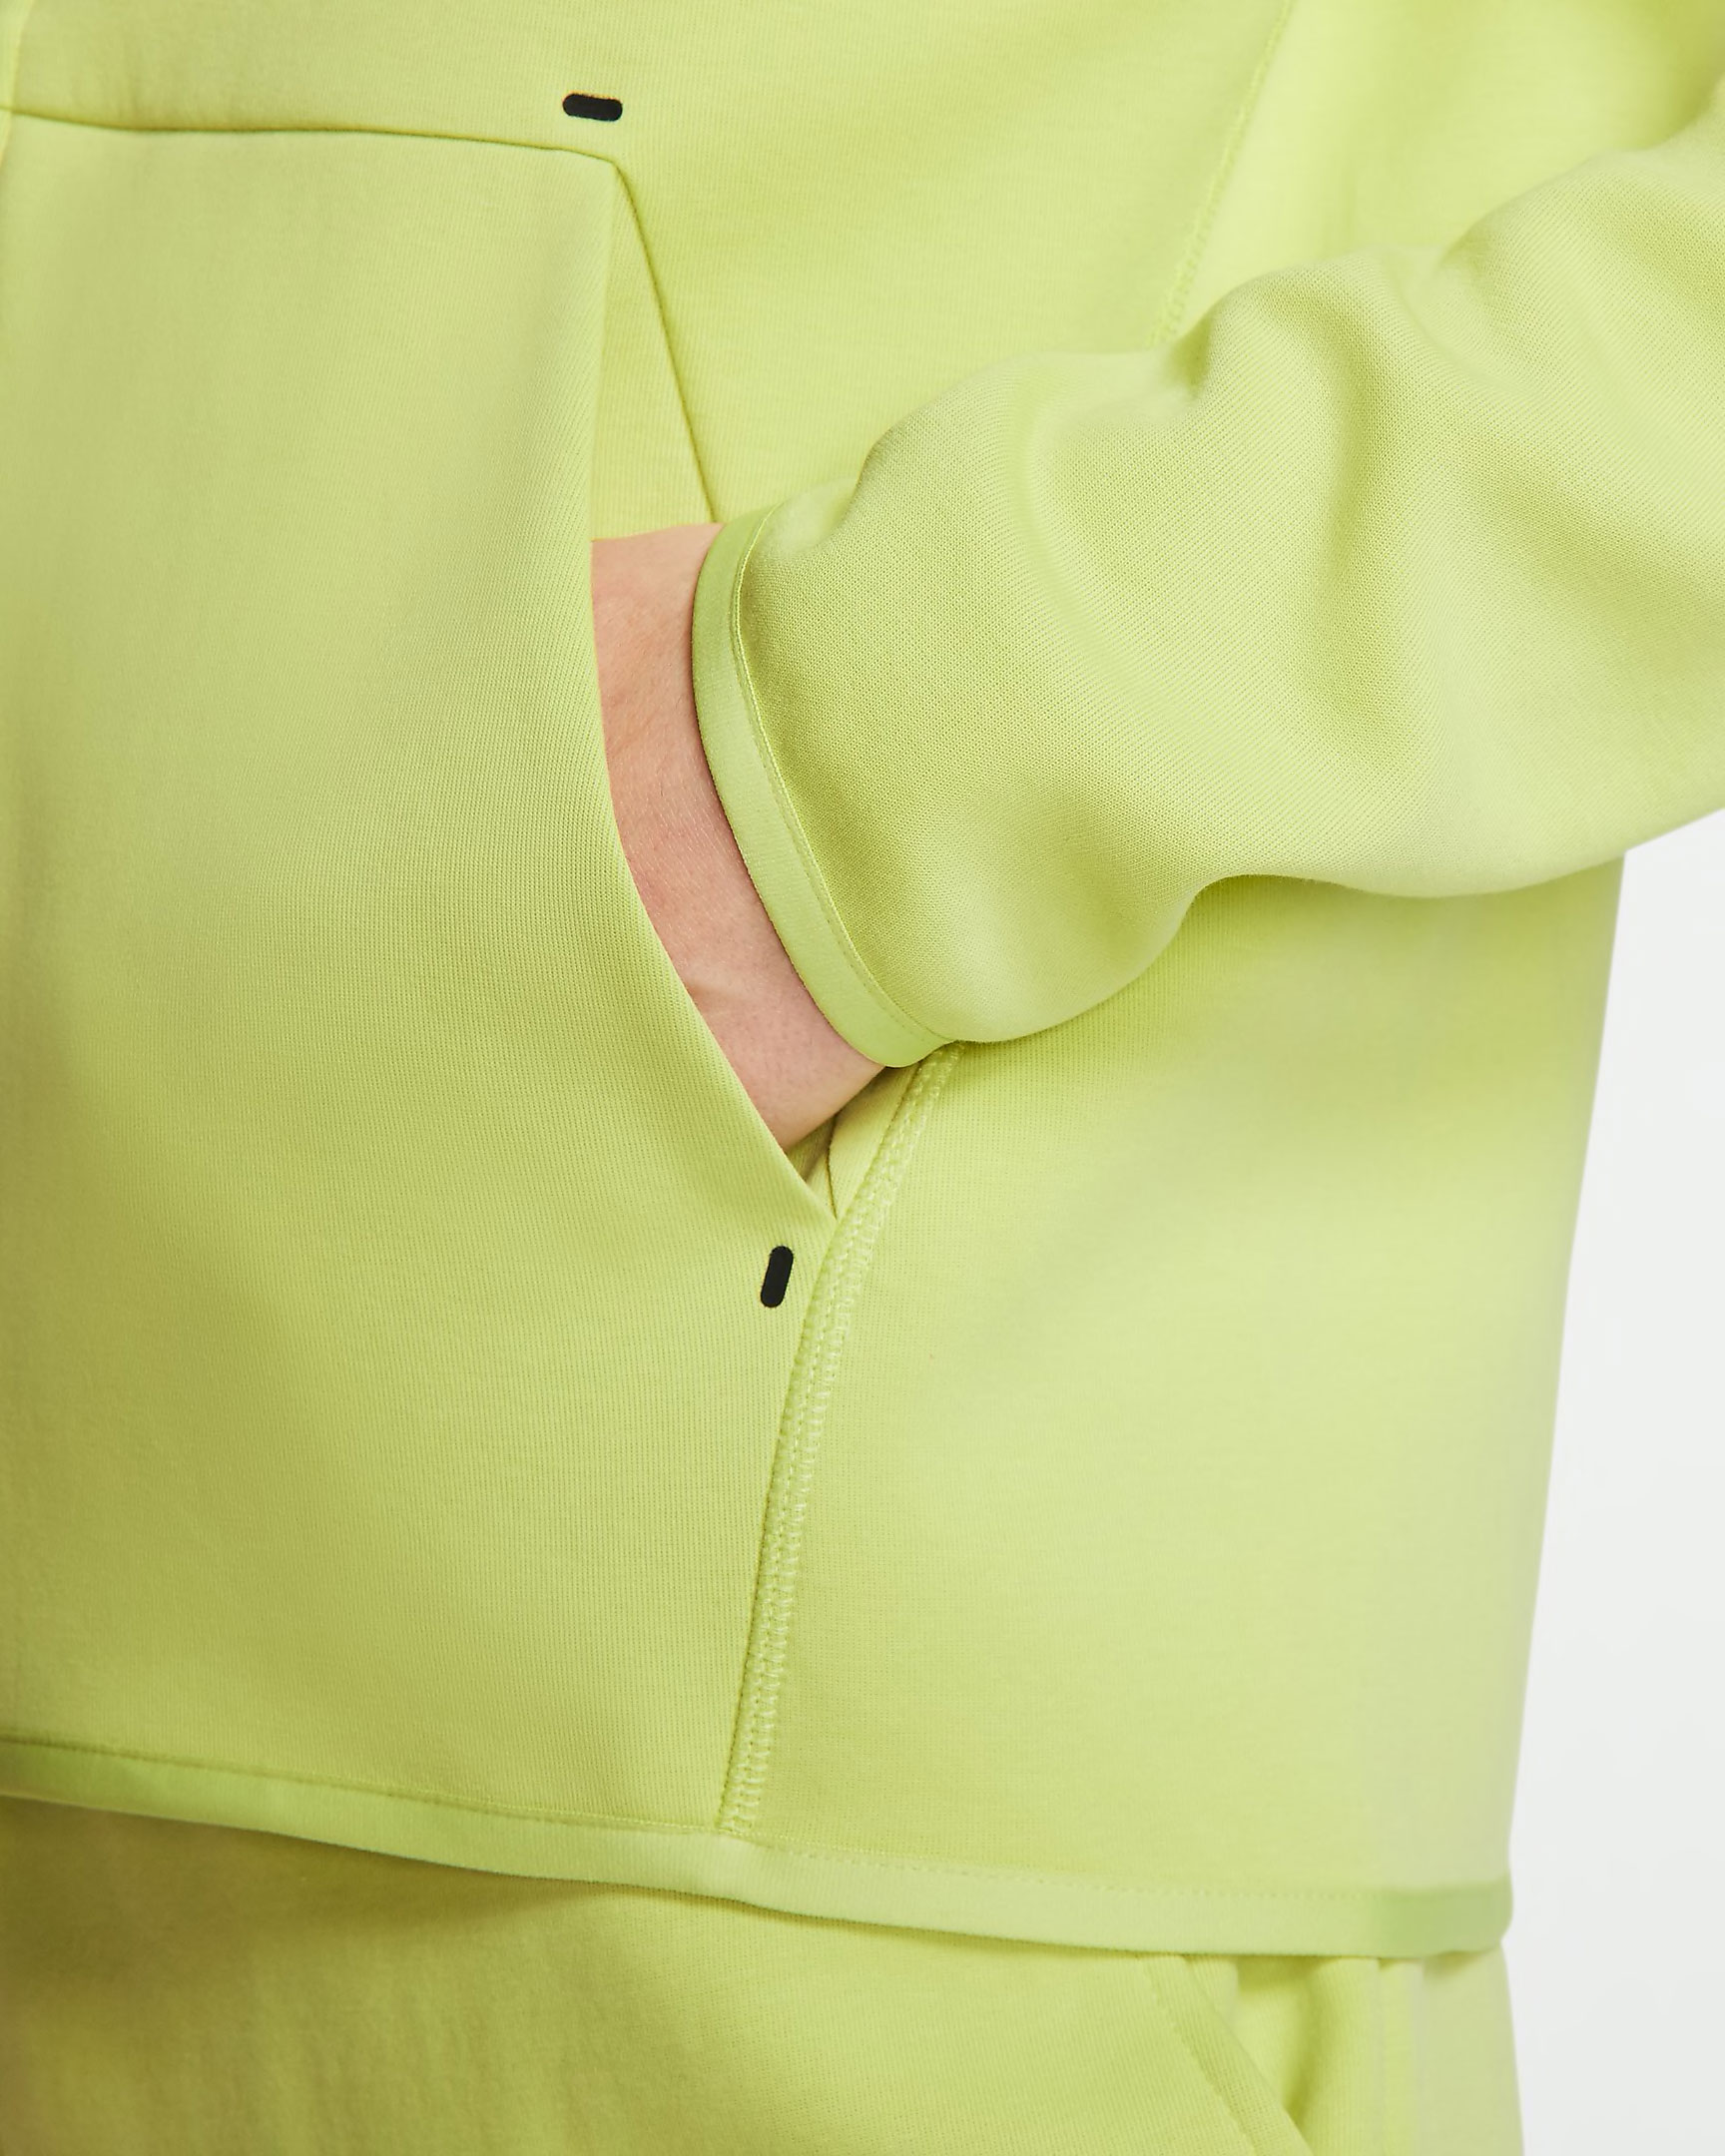 nike-volt-green-tech-fleece-hoodie-6